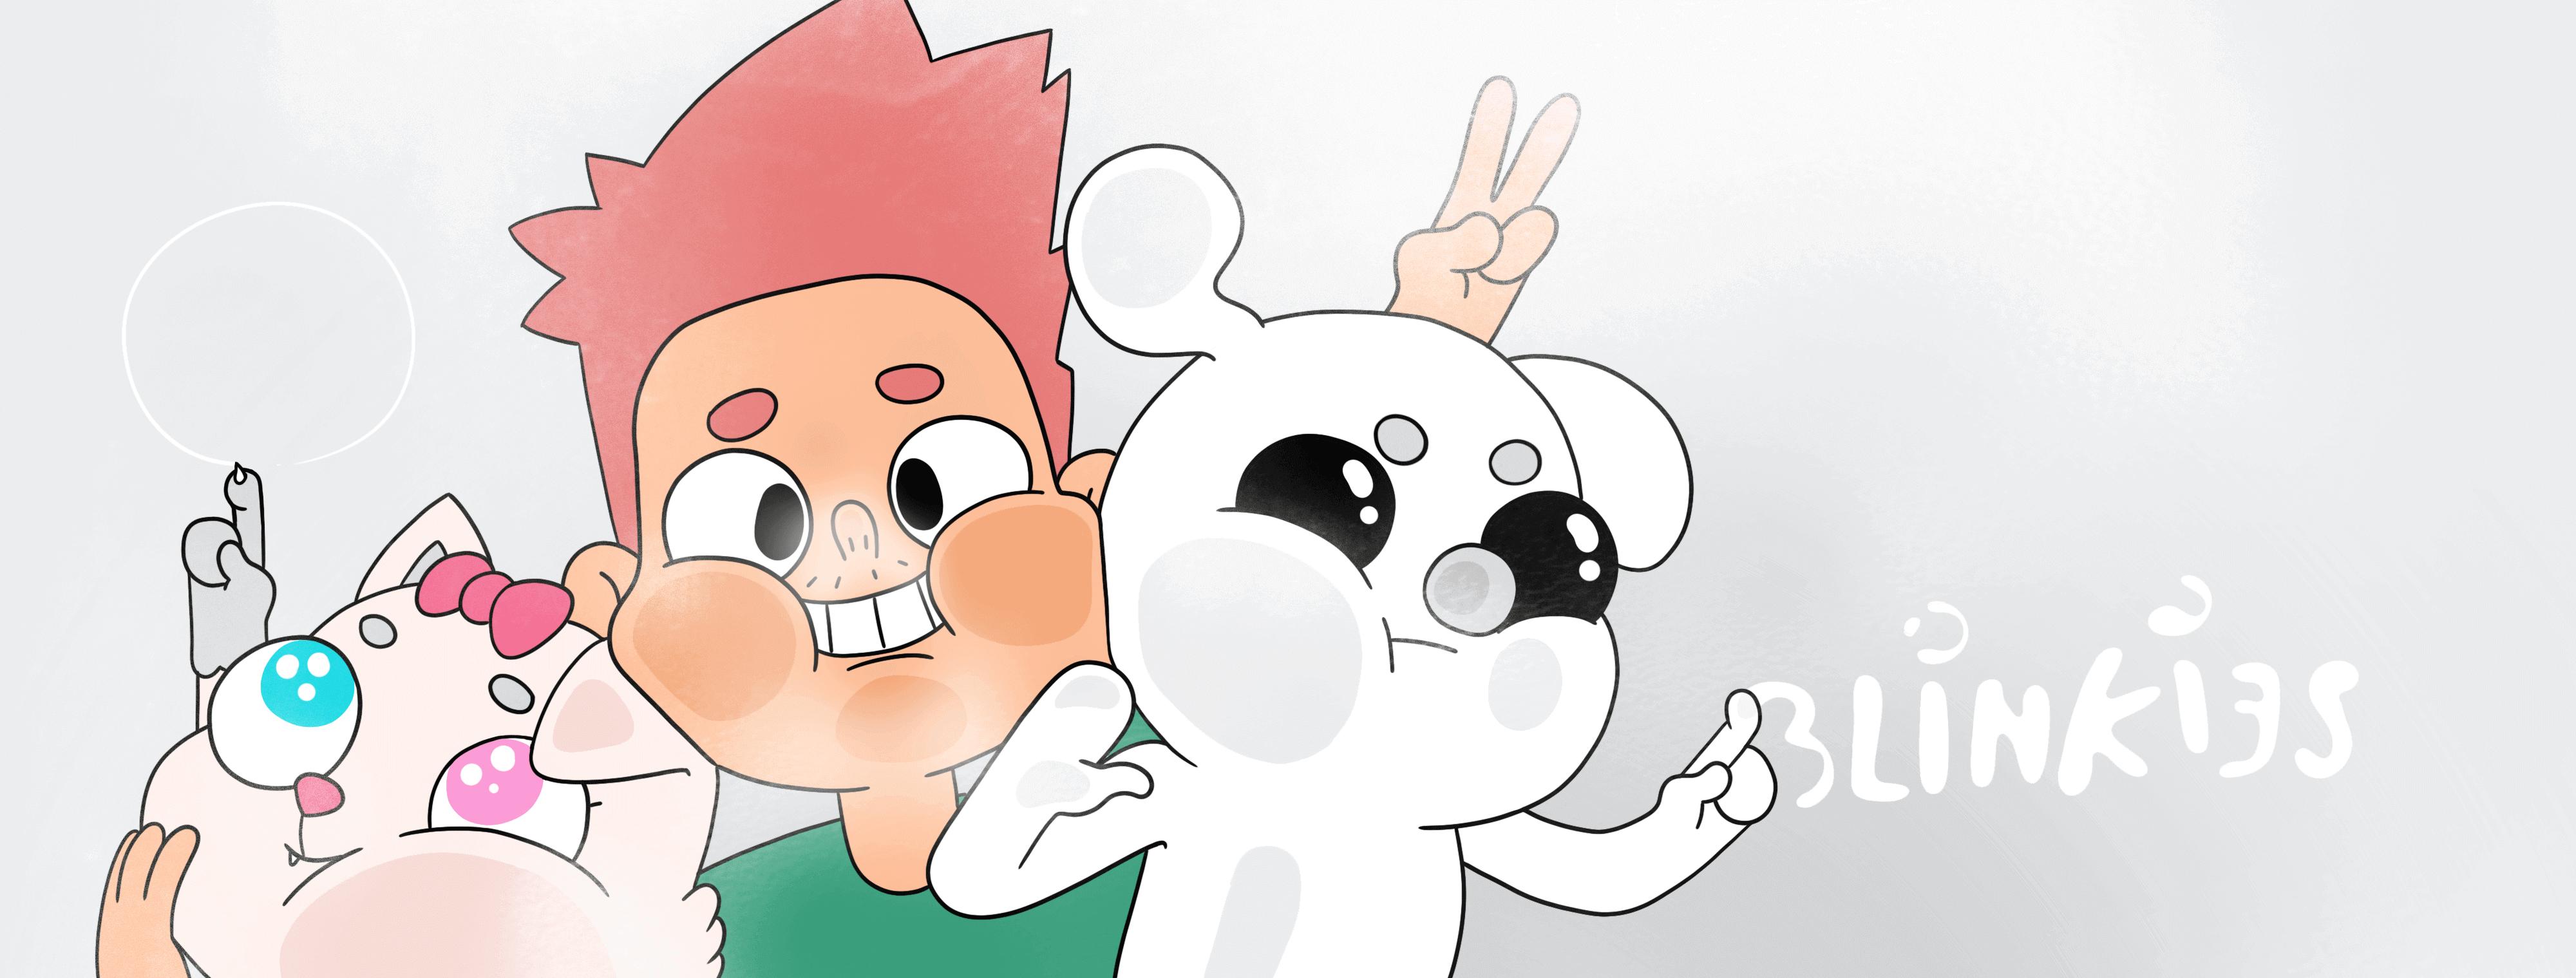 Top jauns animācijas komēdijseriāls Blinkijs